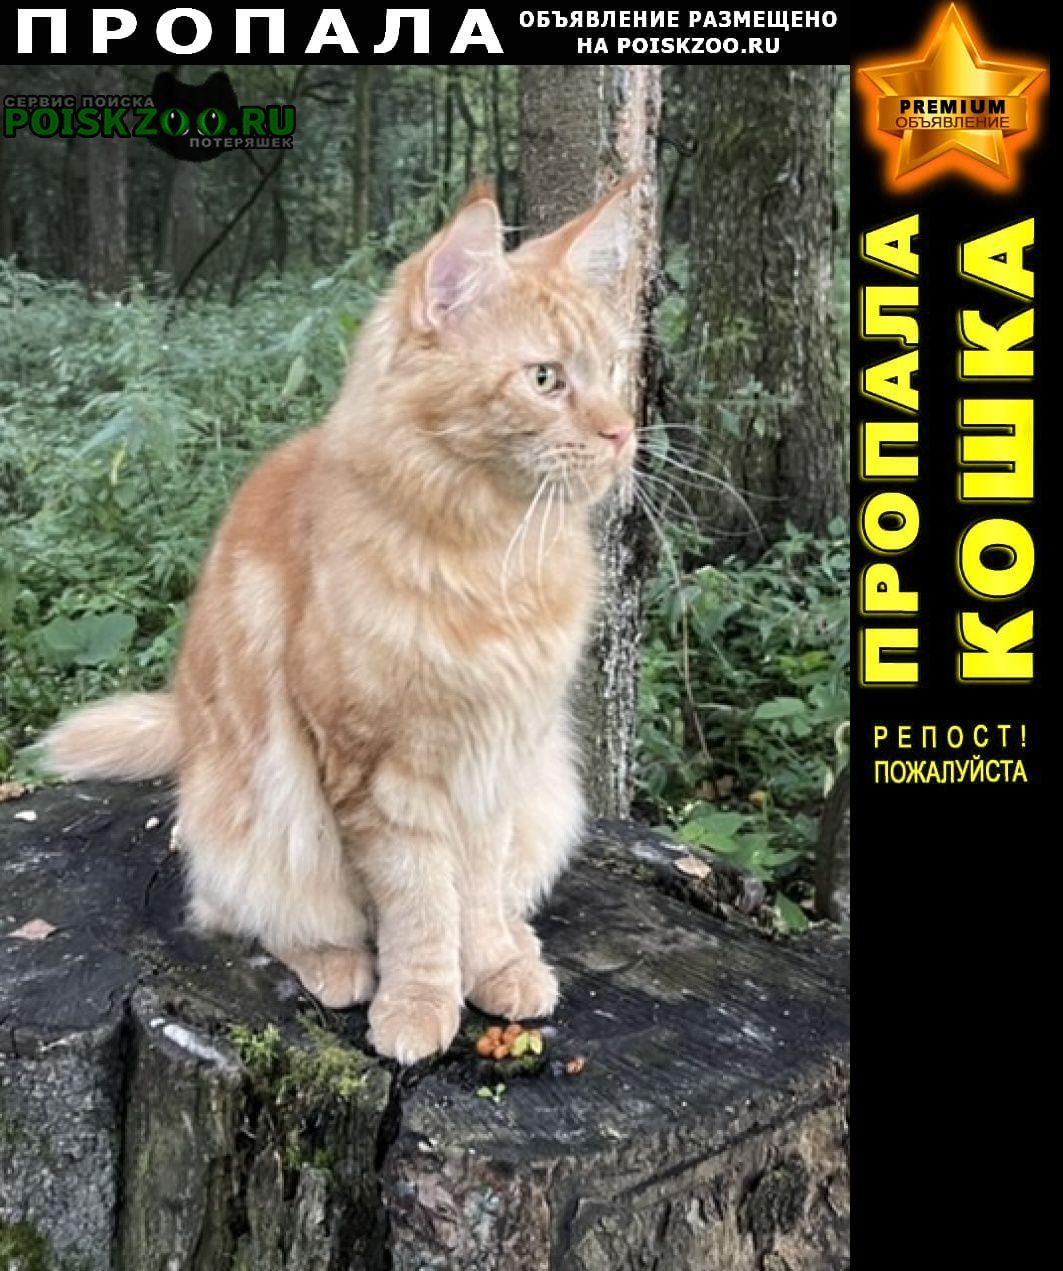 Пропал кот в середниково Фирсановка